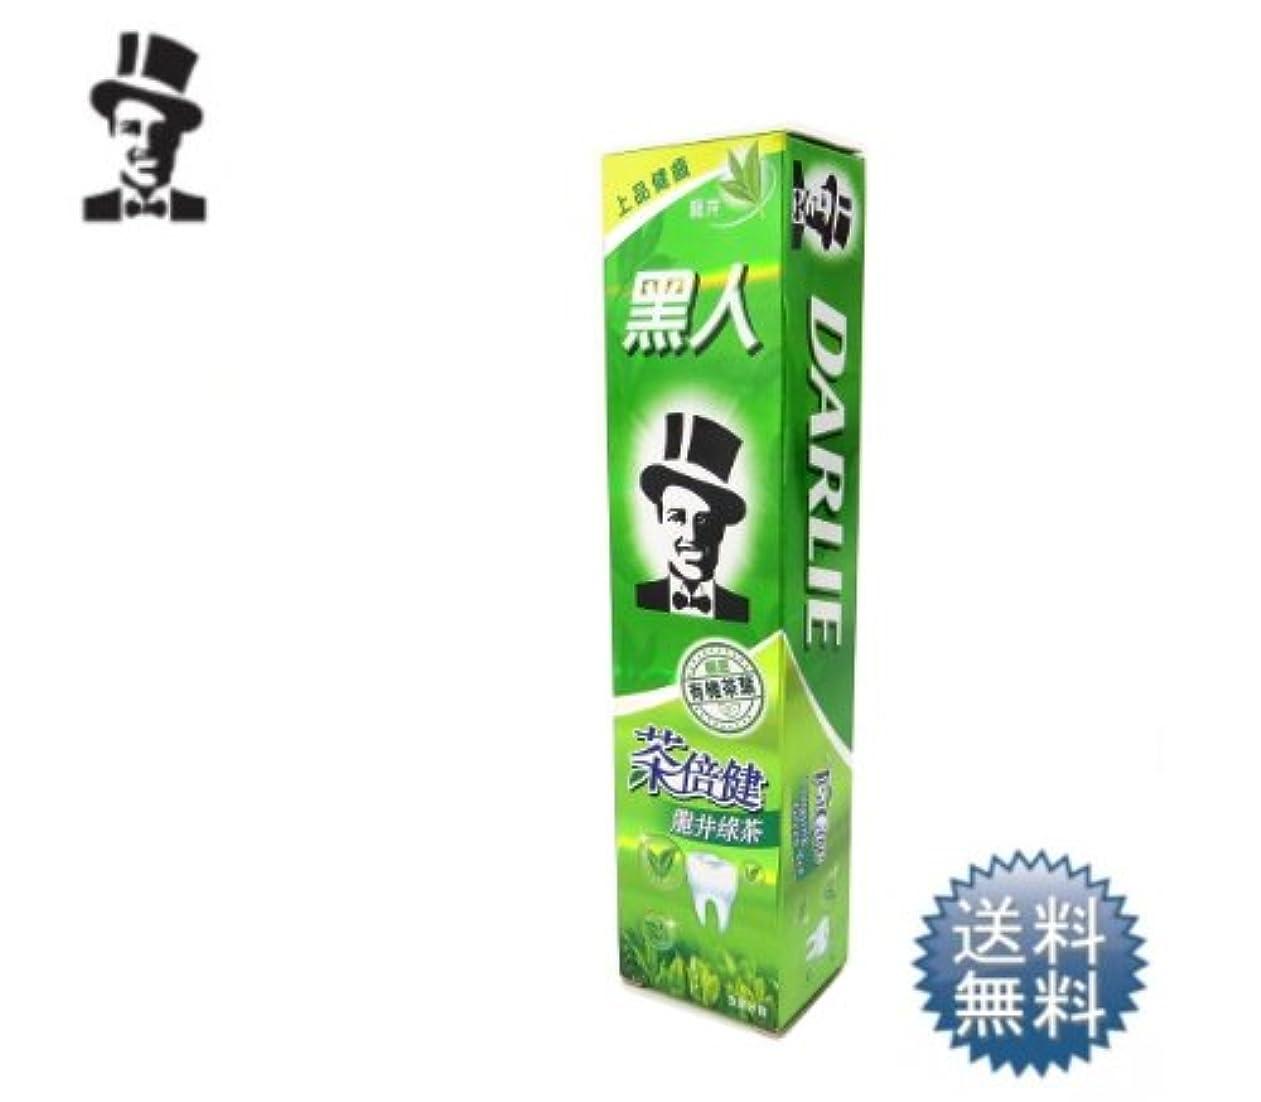 バラバラにするパプアニューギニア月曜日台湾 黒人 茶倍健牙膏 160g